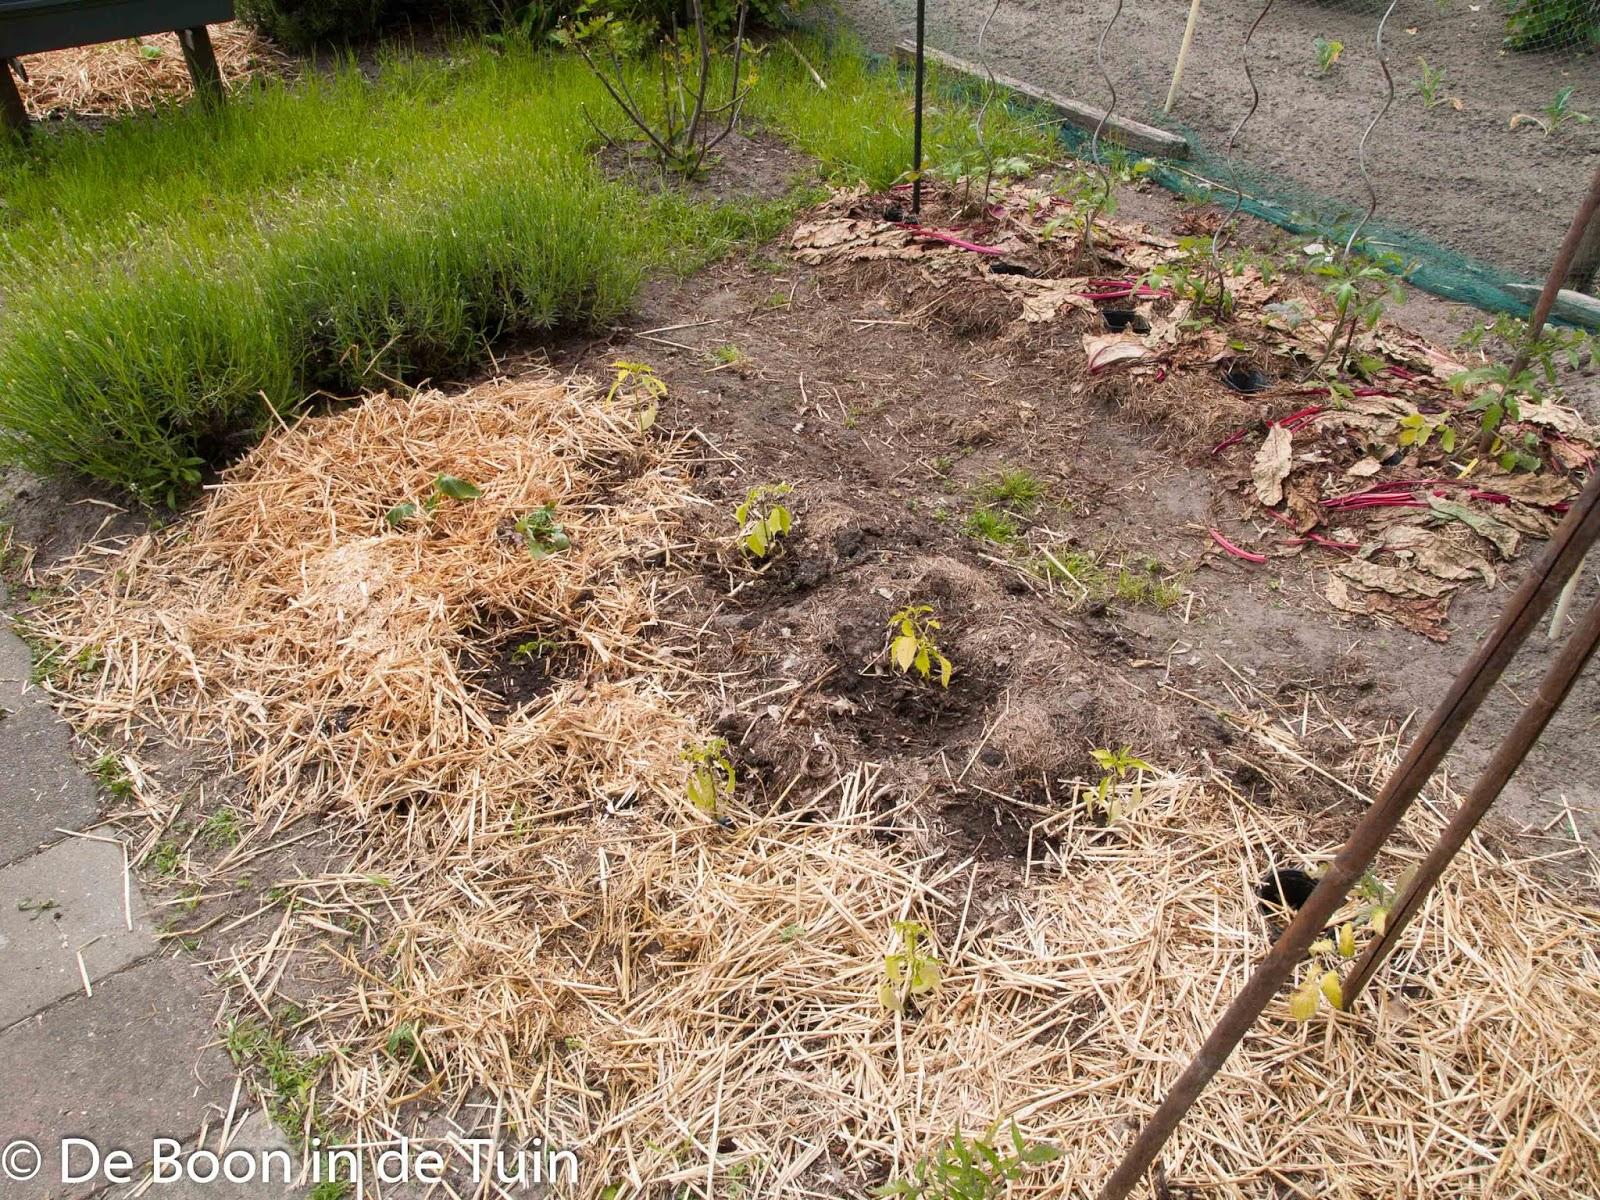 mulch mulchen bedekken bodem moestuin volkstuin